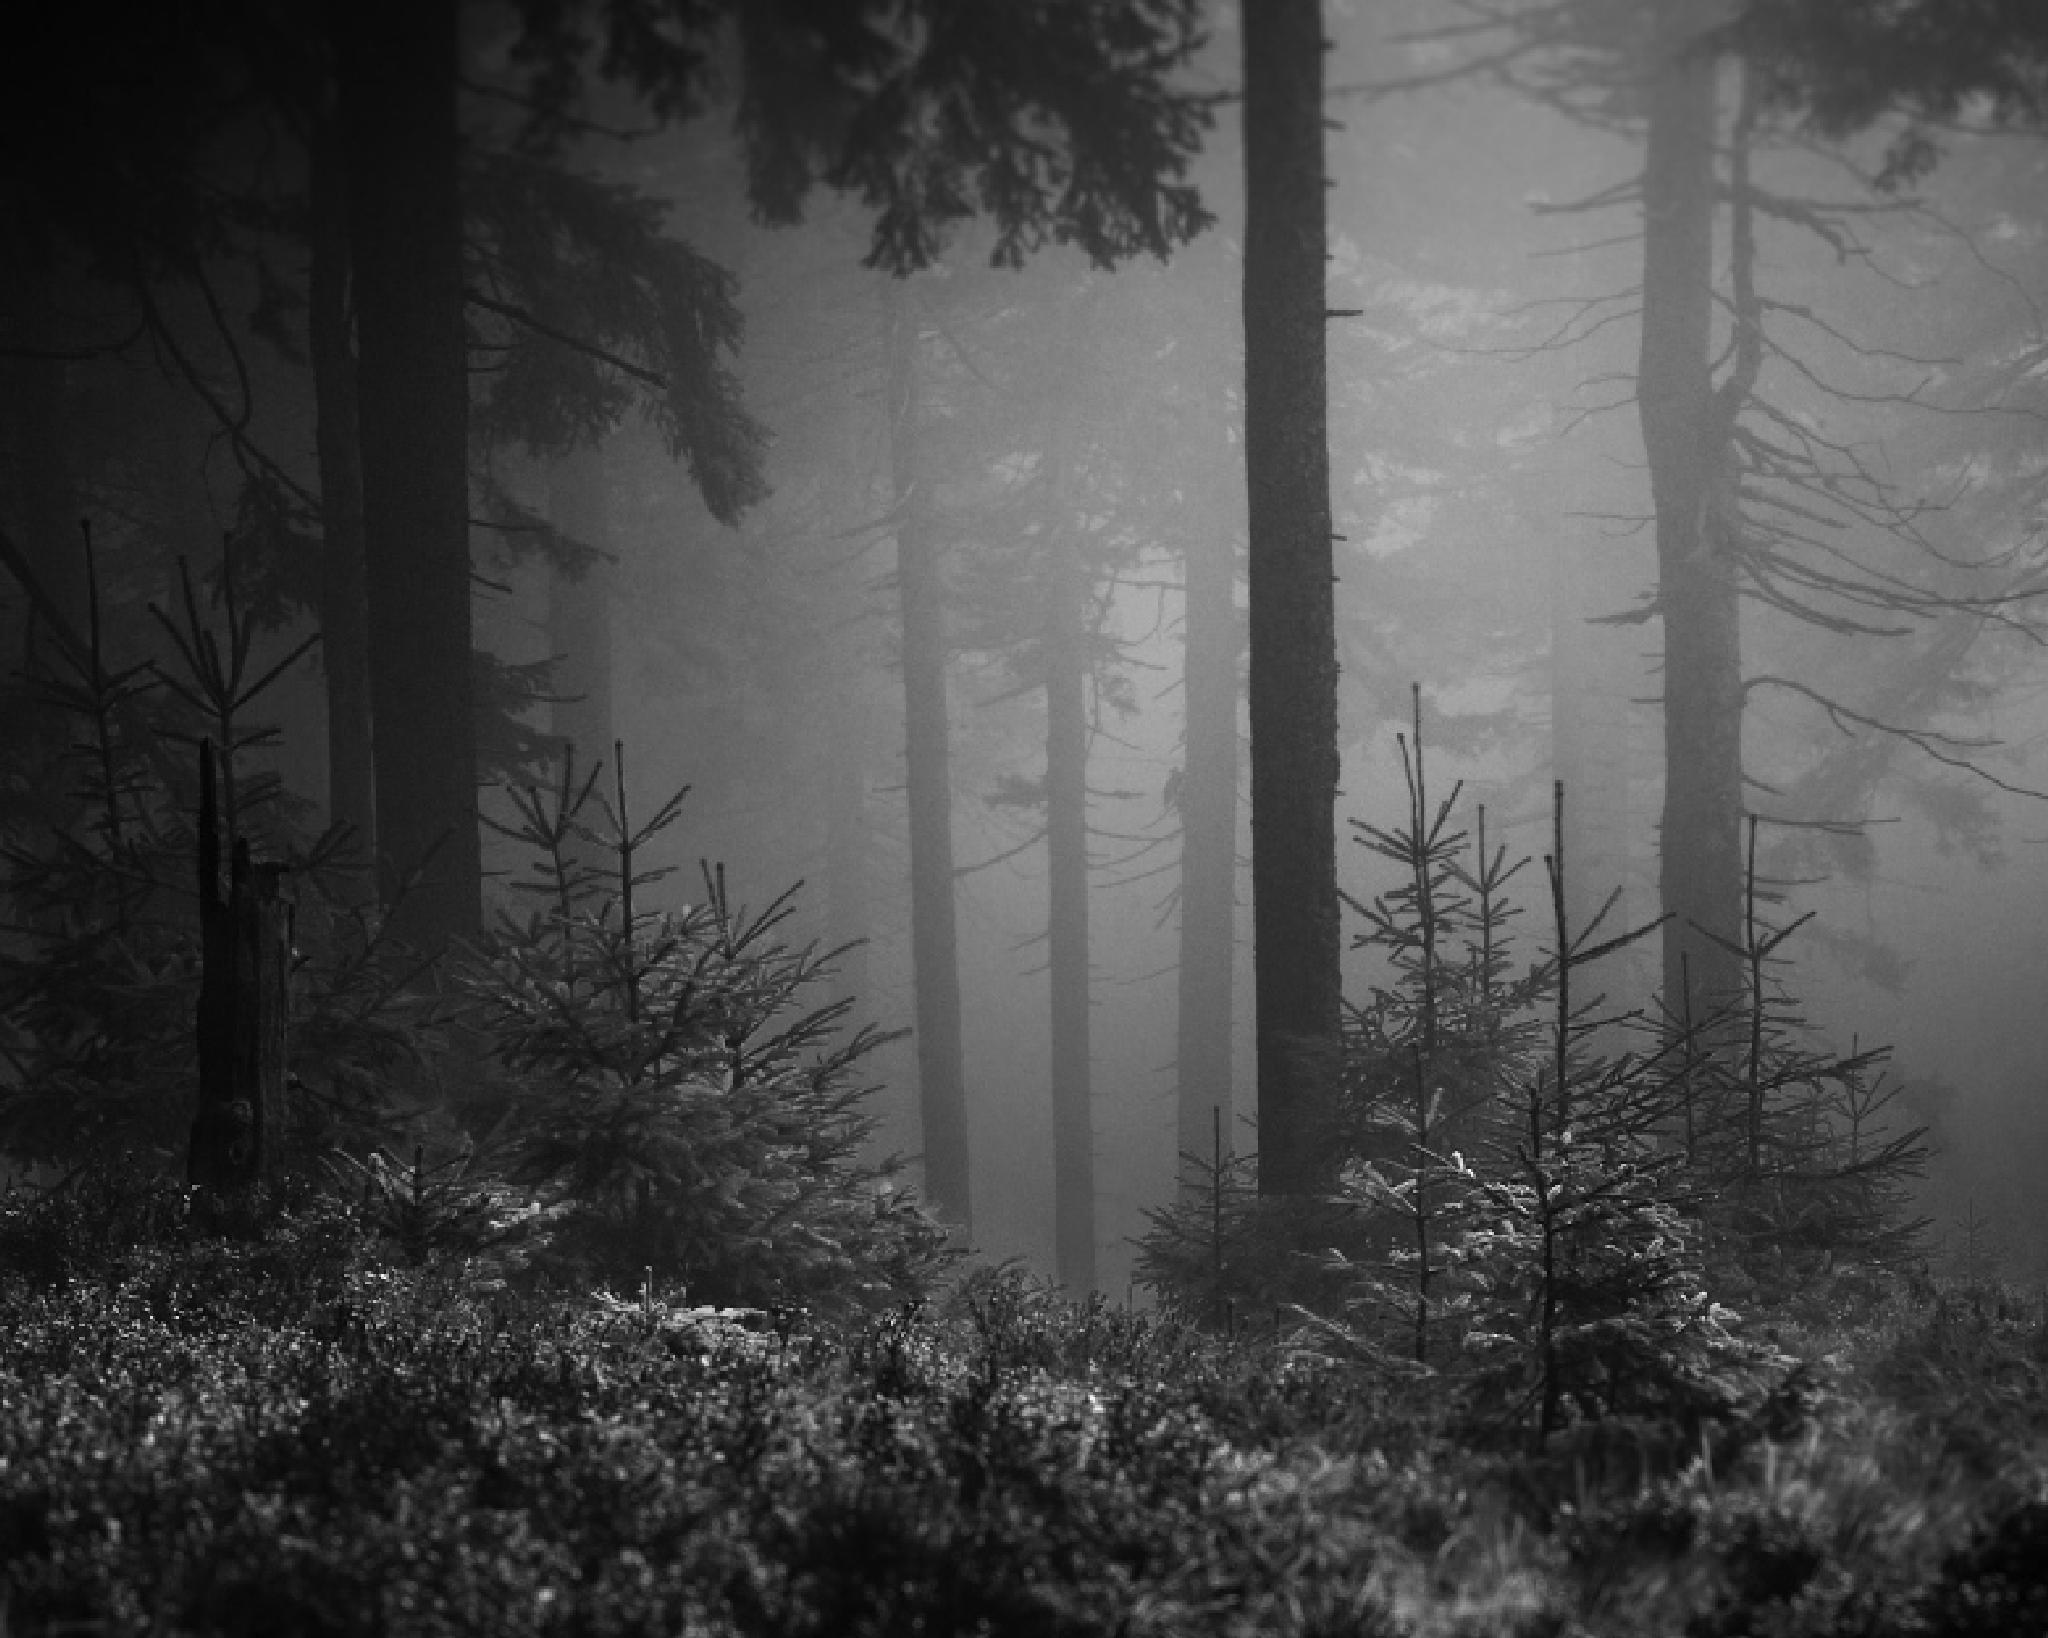 misty forest by Jaromir Hron